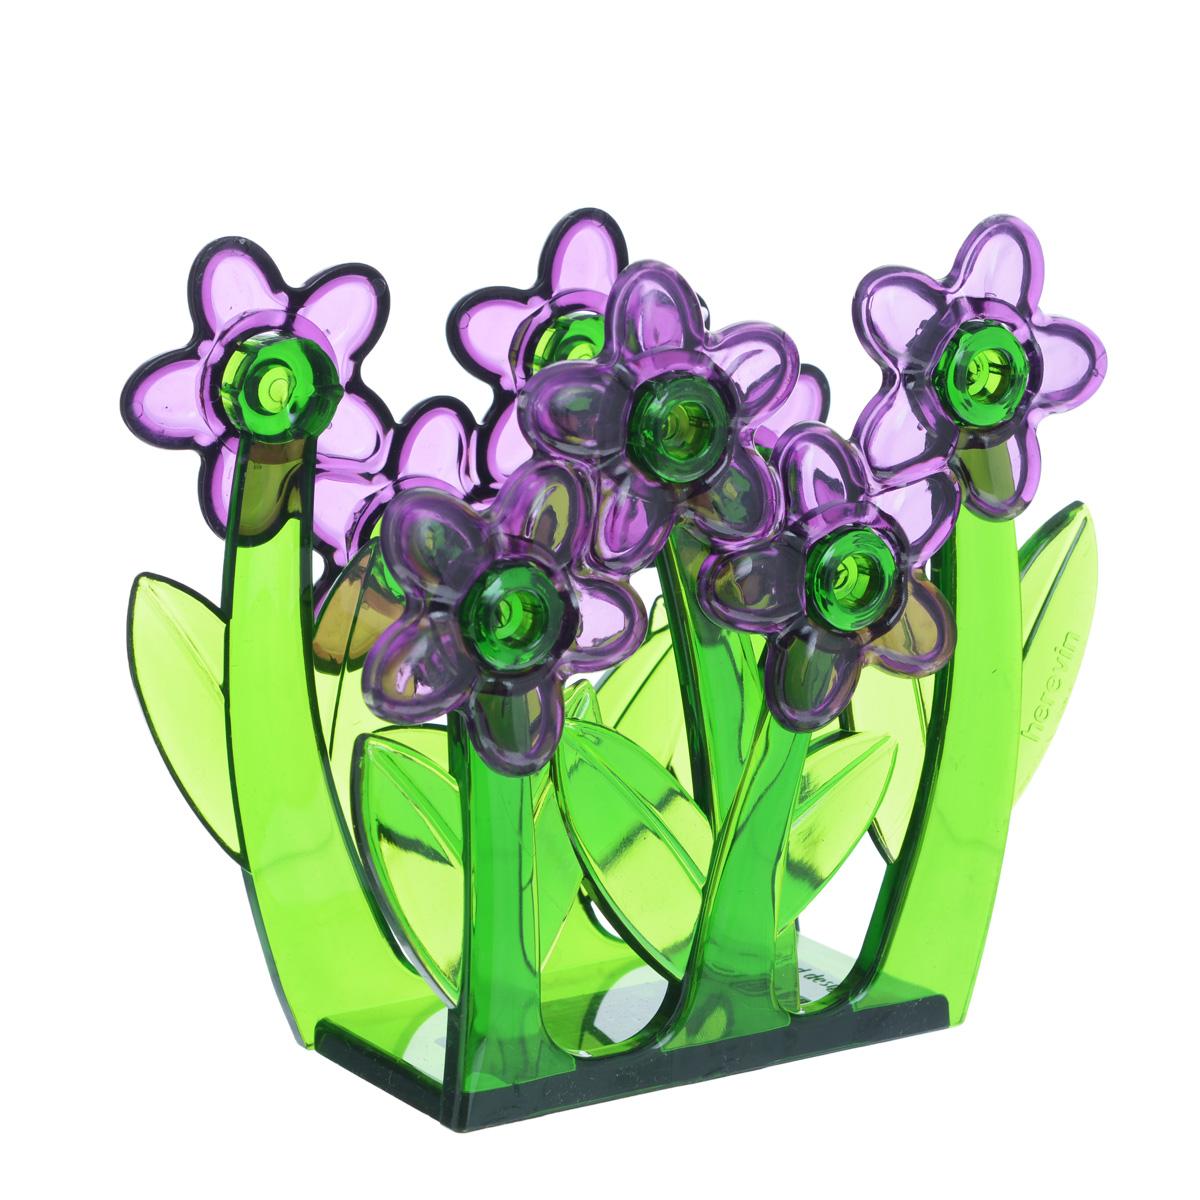 Салфетница Herevin, цвет: фиолетовый115510Салфетница Herevin, изготовленная из высококачественного прочного пластика, оформлена декоративными цветами. Яркий и оригинальный дизайн несомненно придется вам по вкусу. Такая салфетница великолепно украсит праздничный стол.